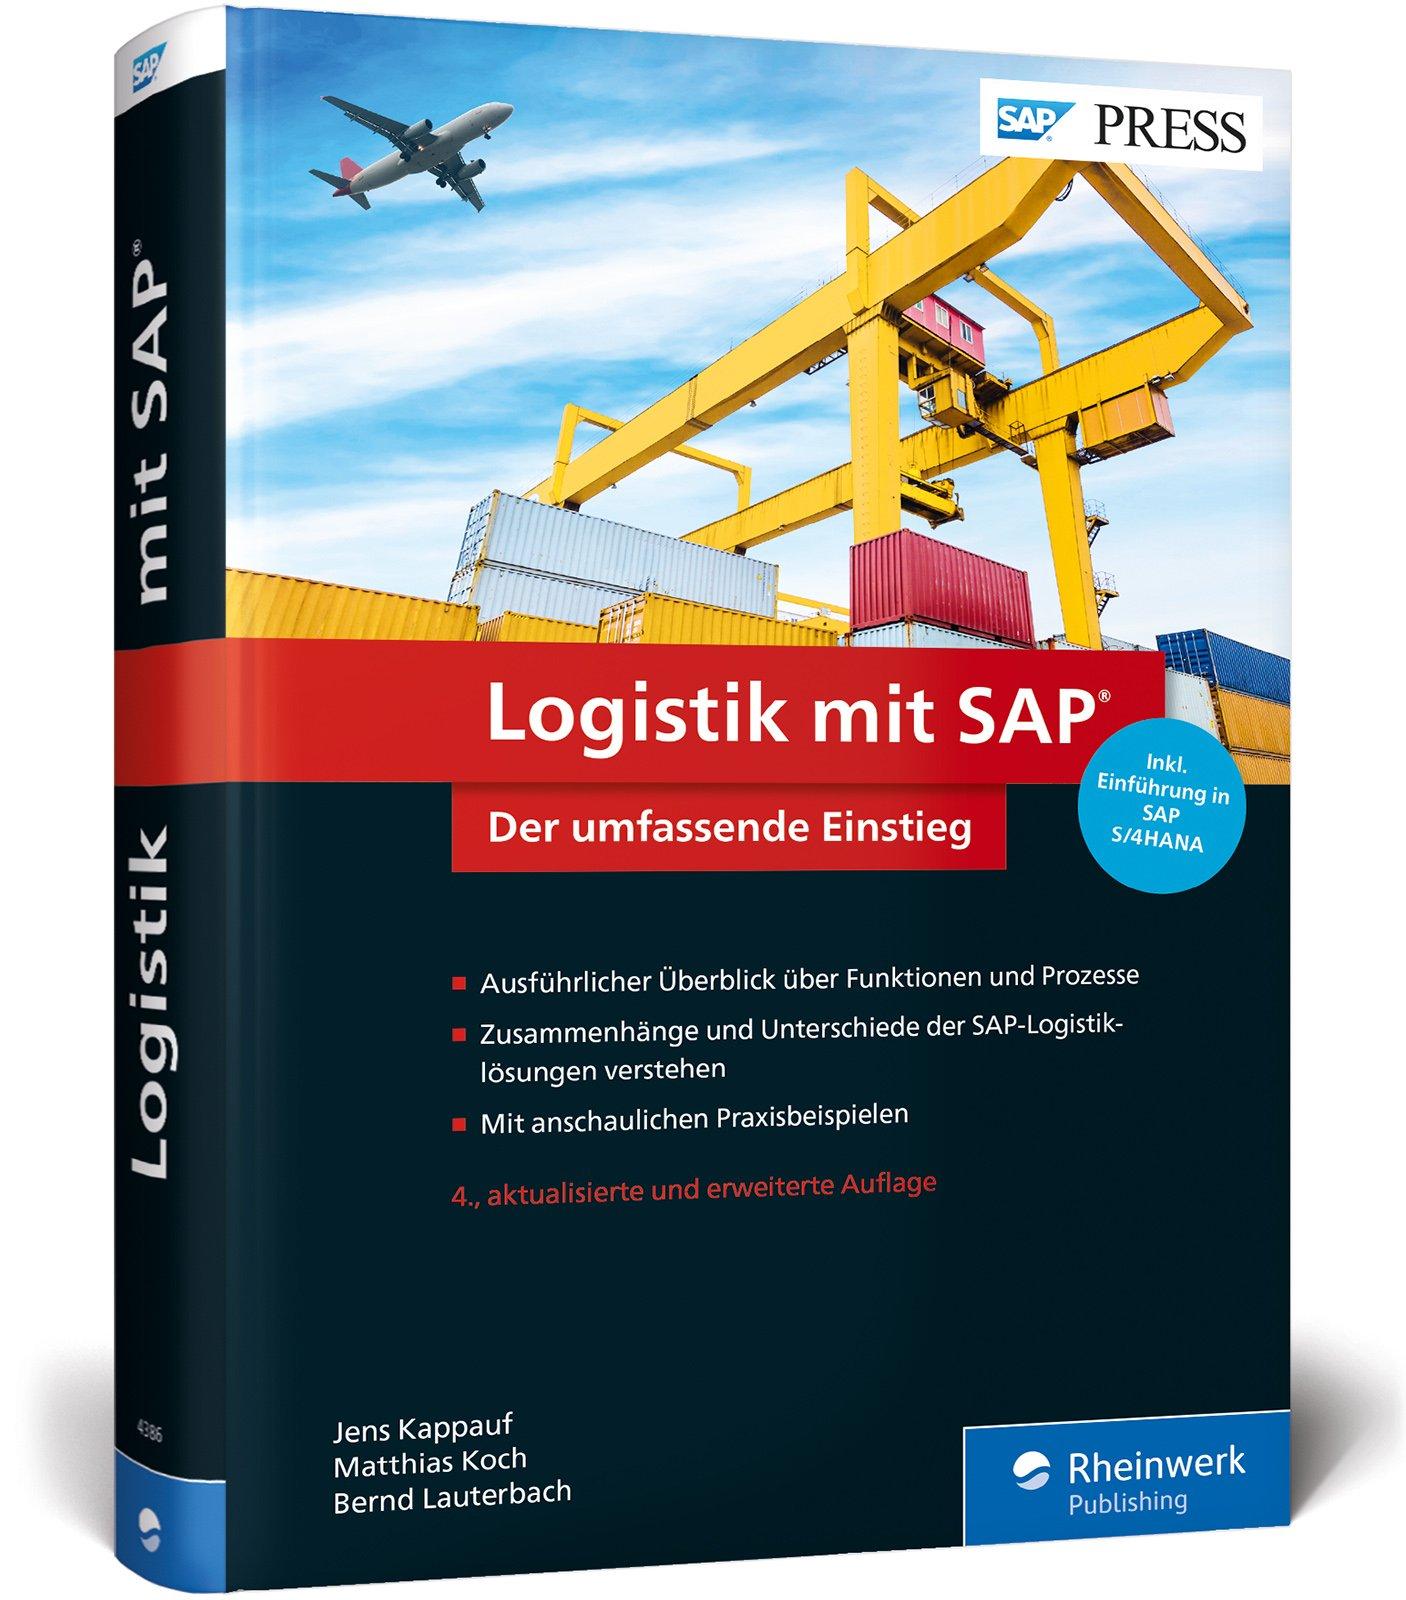 Logistik mit SAP: Umfassender Überblick über alle Logistikfunktionen von SAP SCM und SAP ERP, inkl. Einführung in SAP S/4HANA (SAP PRESS) Gebundenes Buch – 29. Mai 2017 Jens Kappauf Matthias Koch Bernd Lauterbach 3836243865